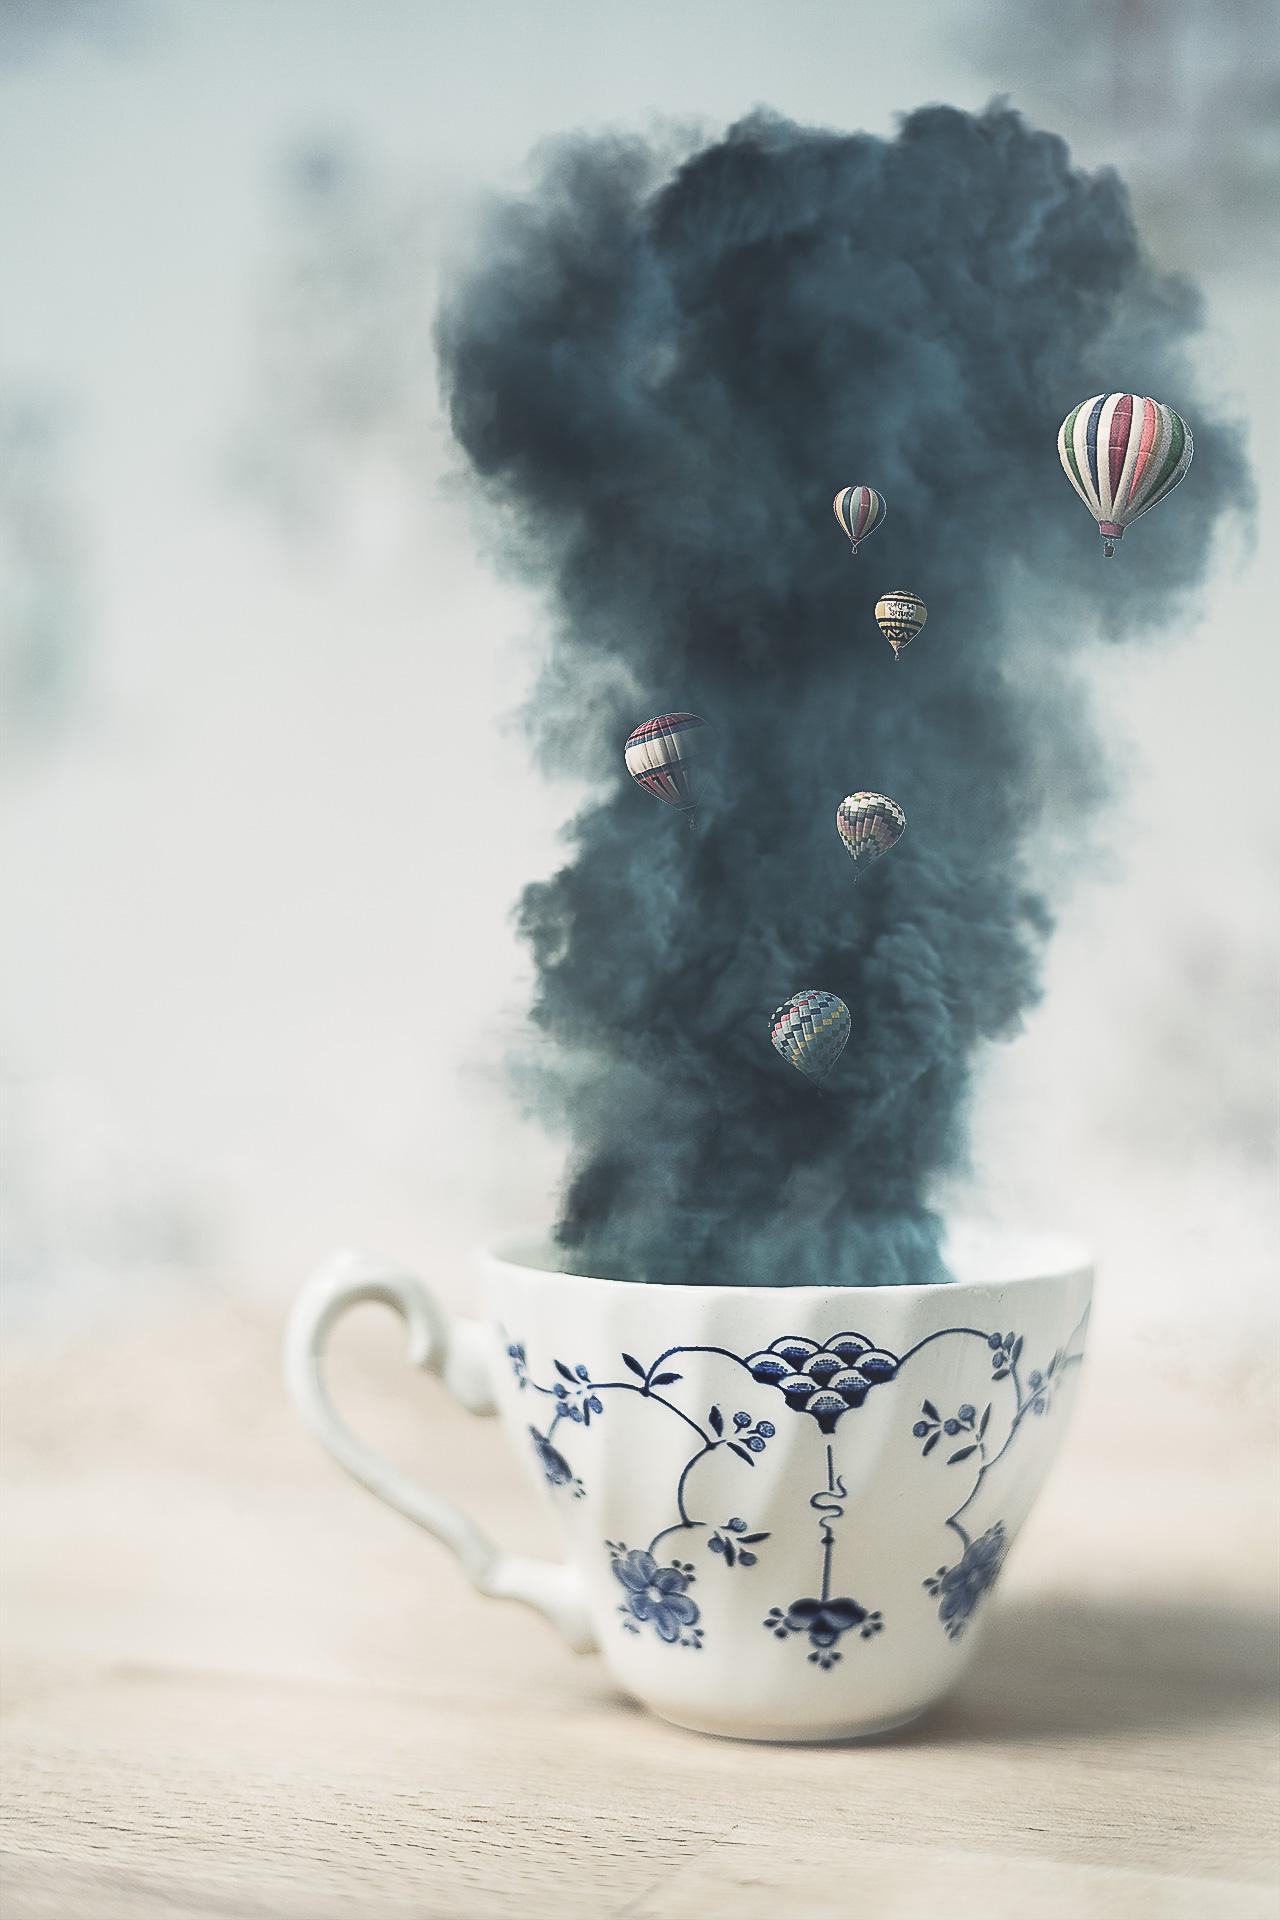 Teacup_AirBaloons.JPG